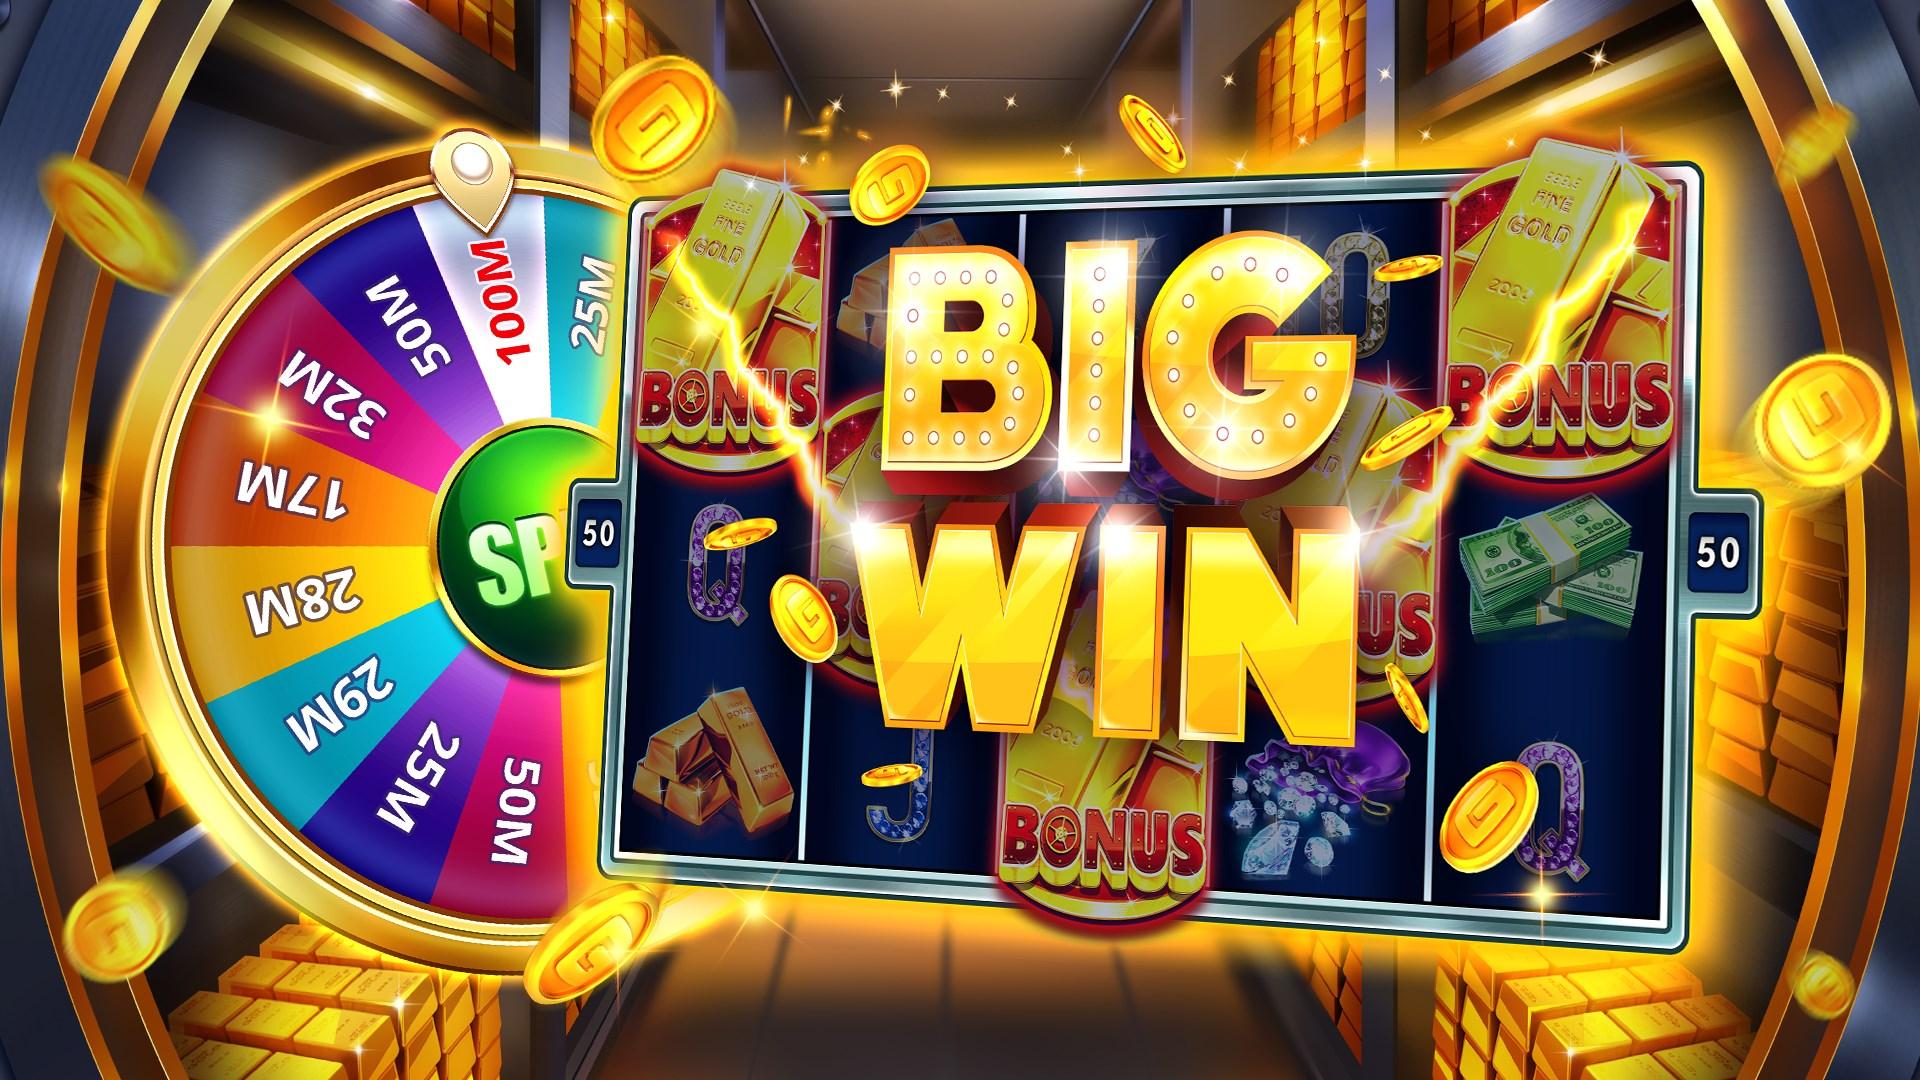 Slot Games Slots Casino 1920x1080 Wallpaper Teahub Io